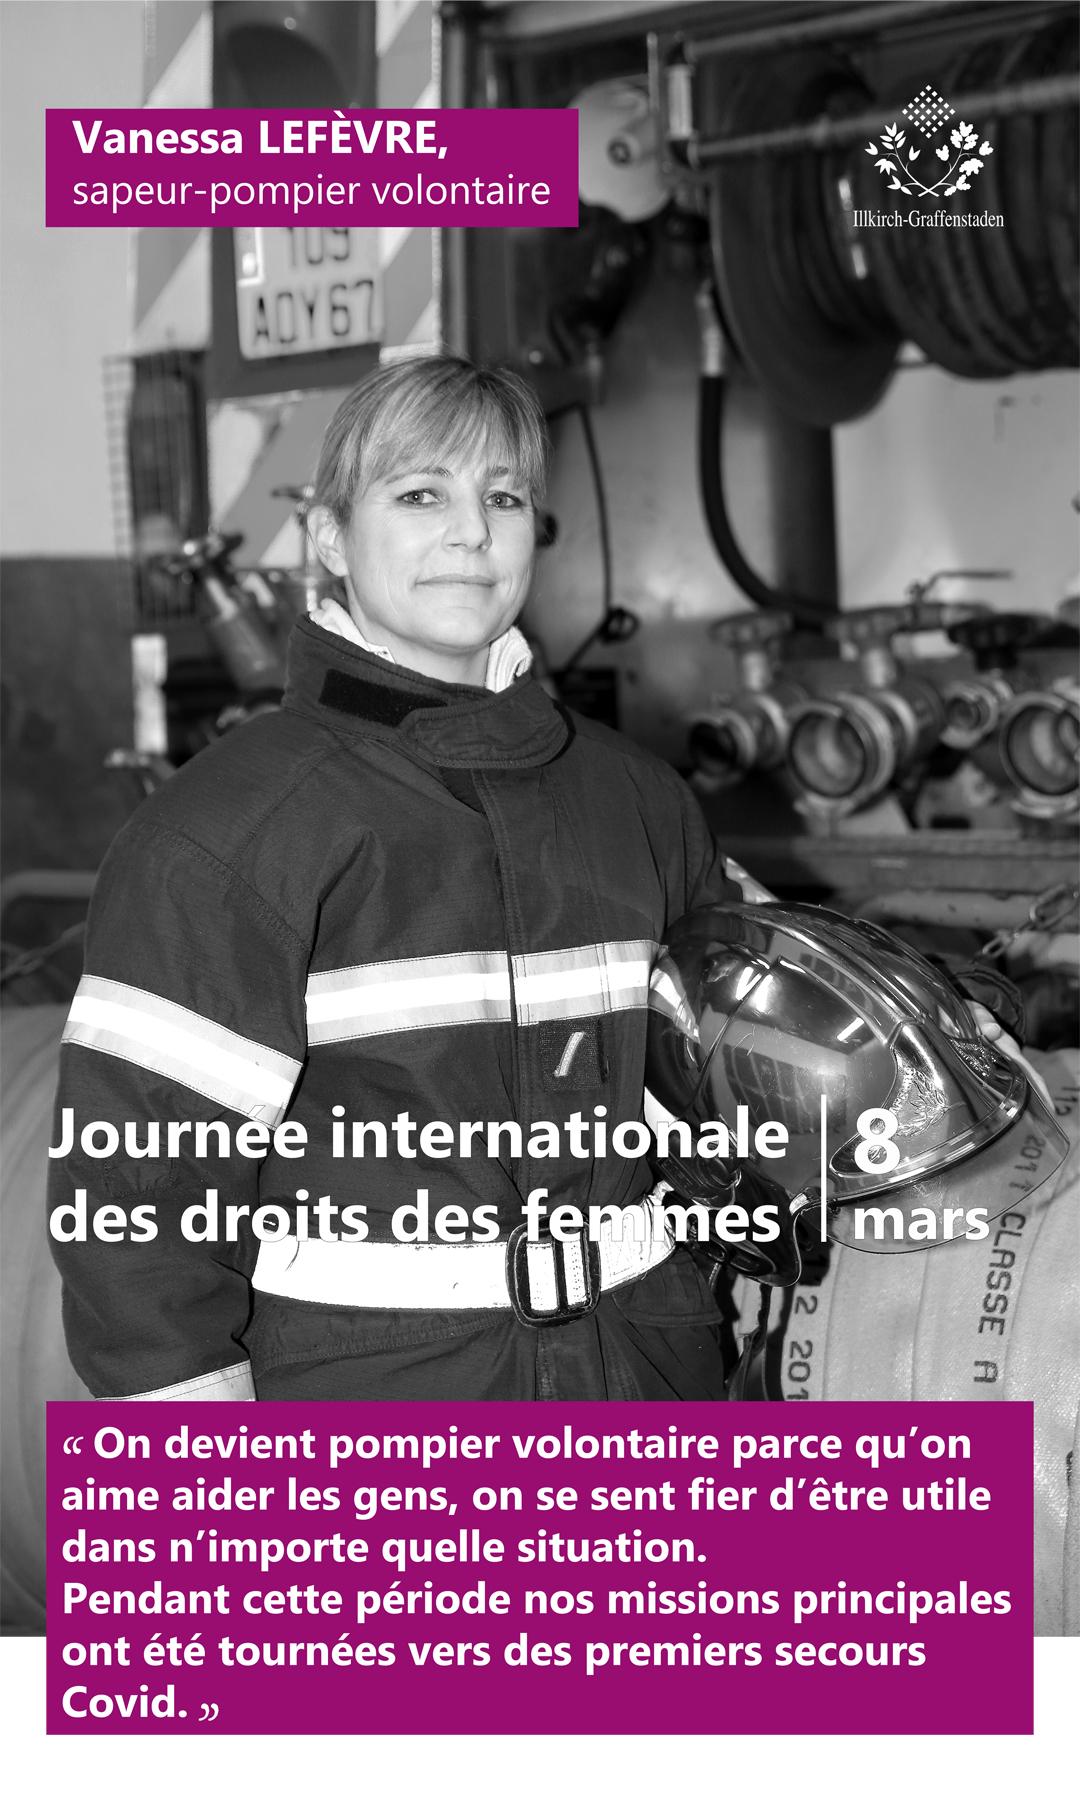 Vanessa Lefèvre - Journée internationale des droits des femmes